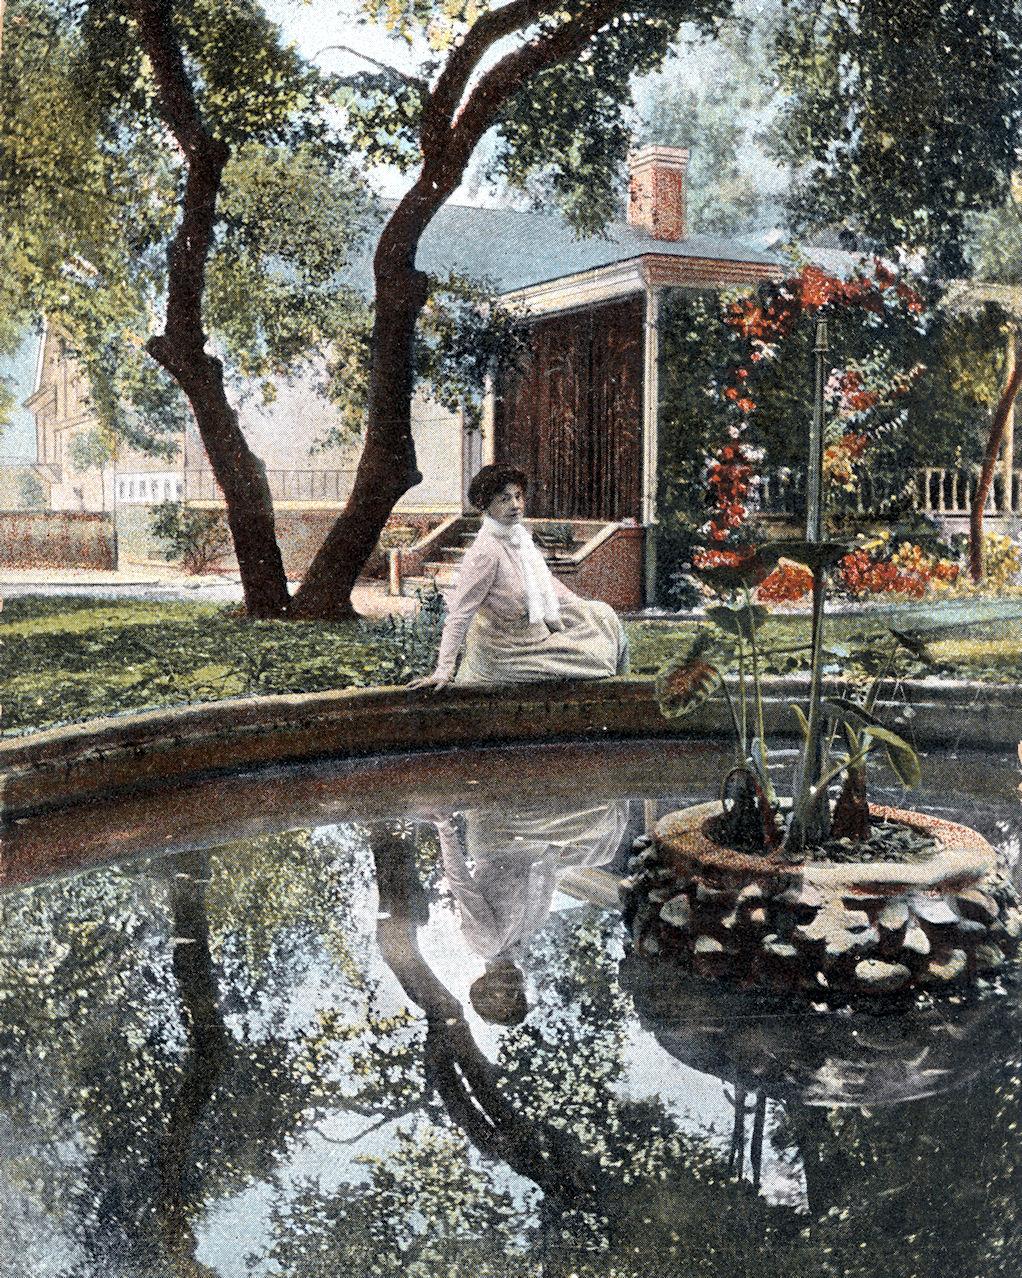 Modjeska at Arden, 1906.